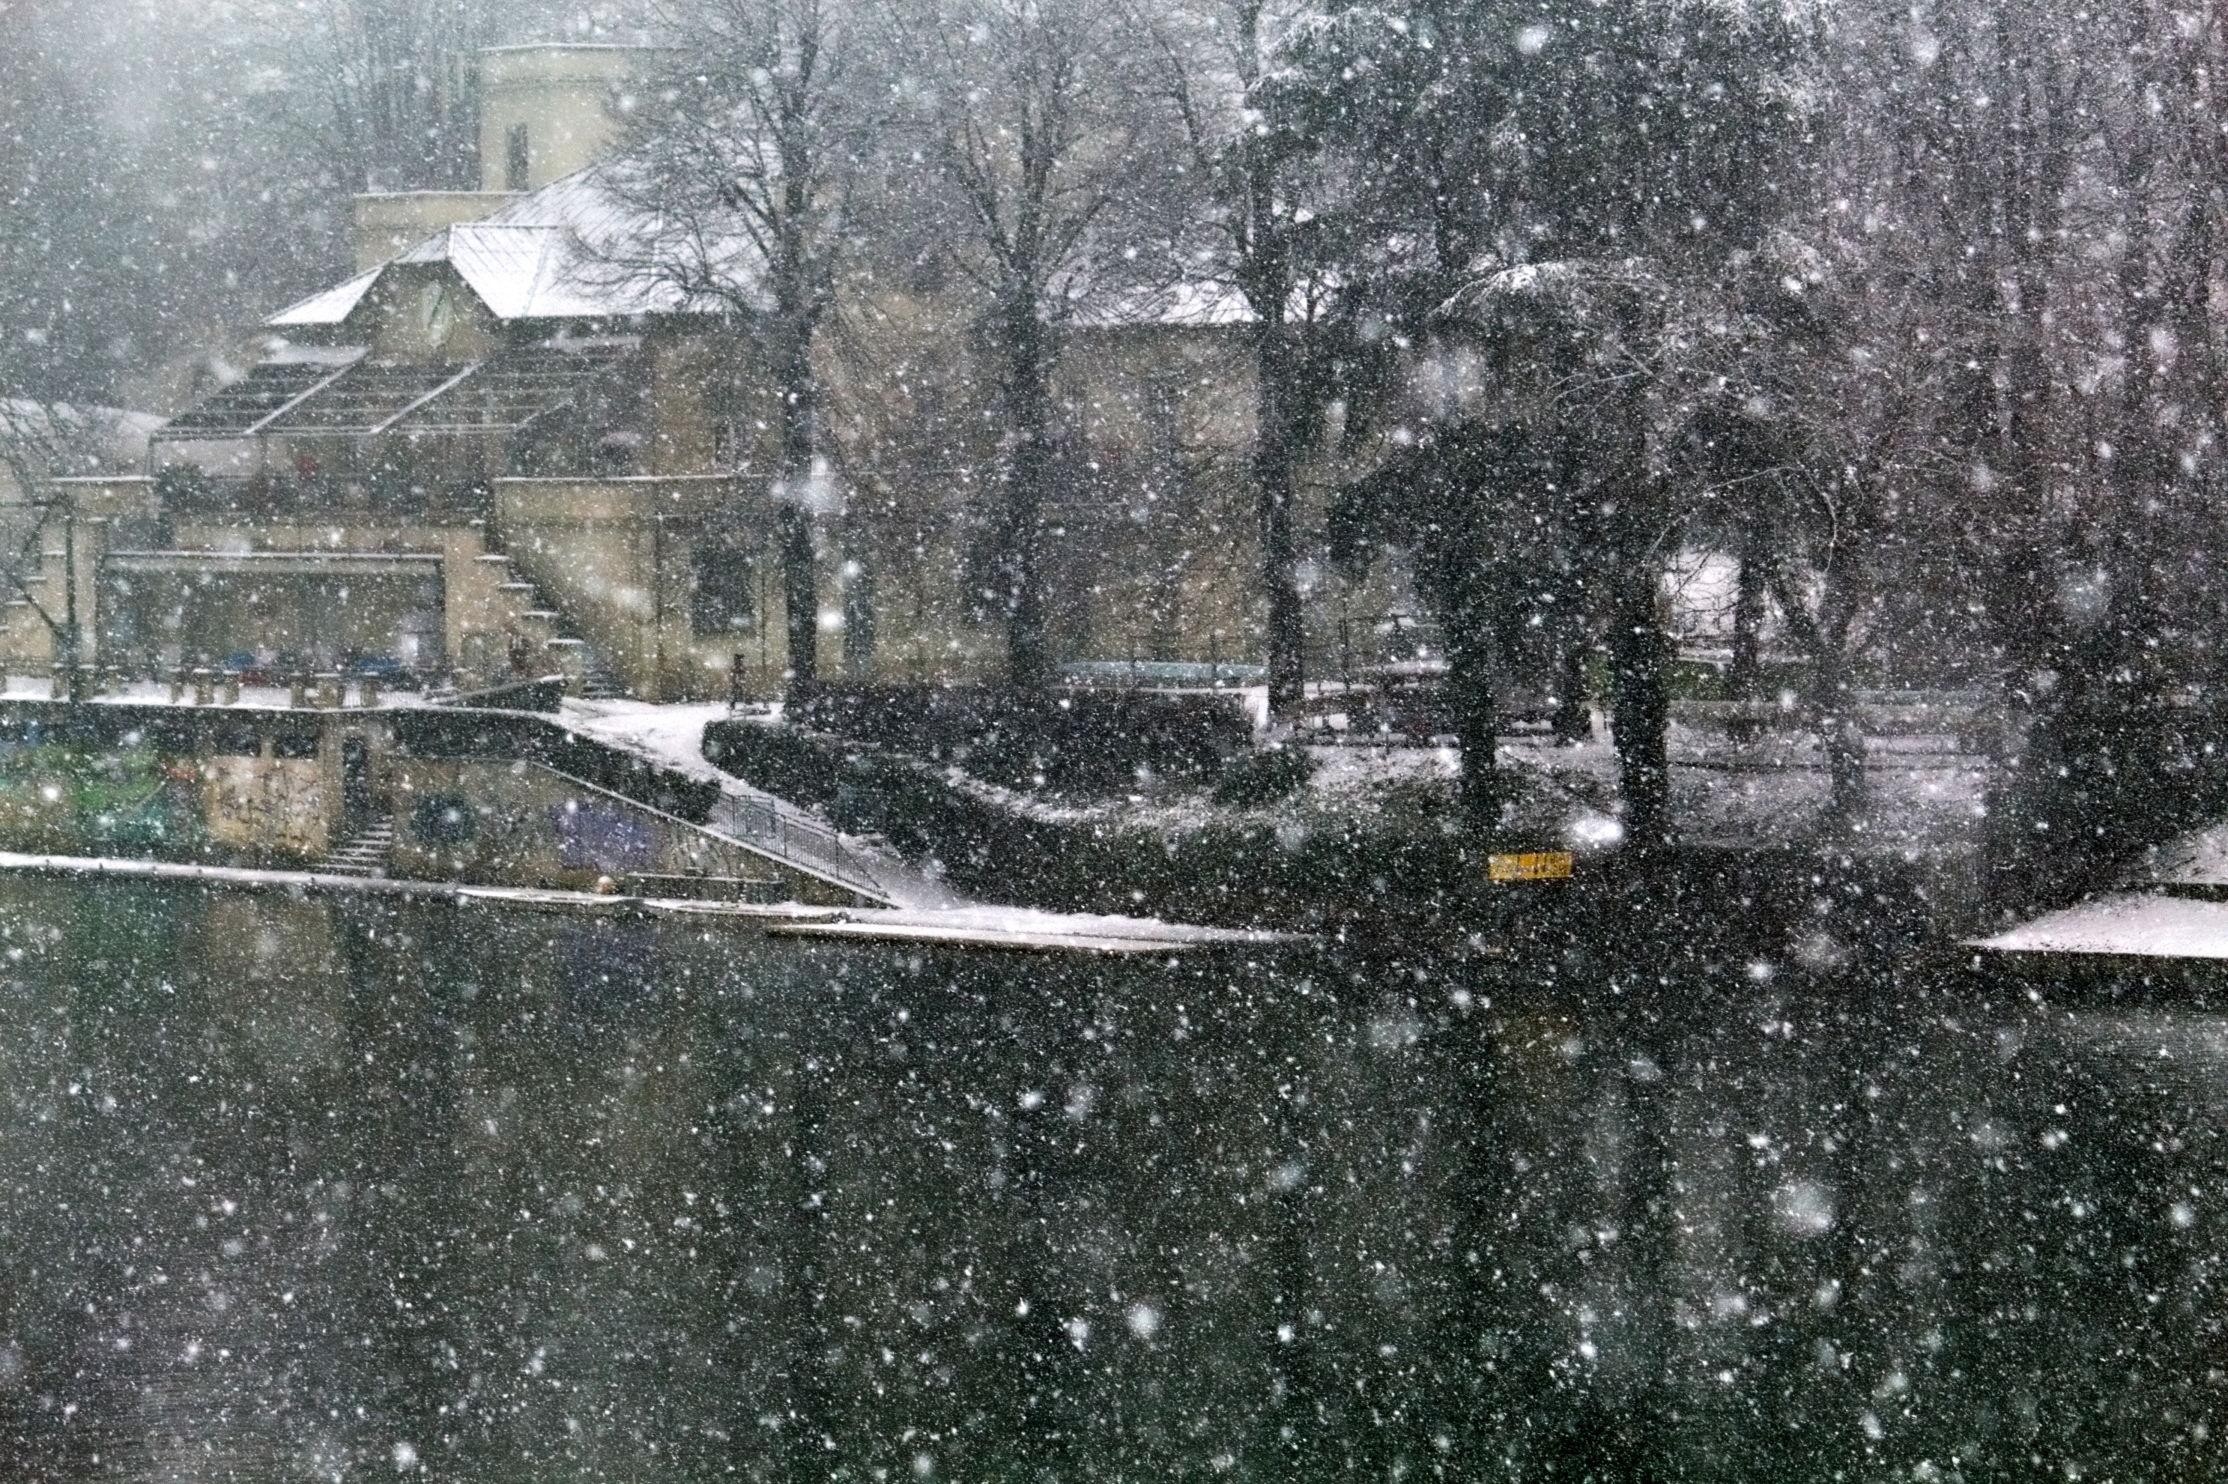 Snowed on the OP...